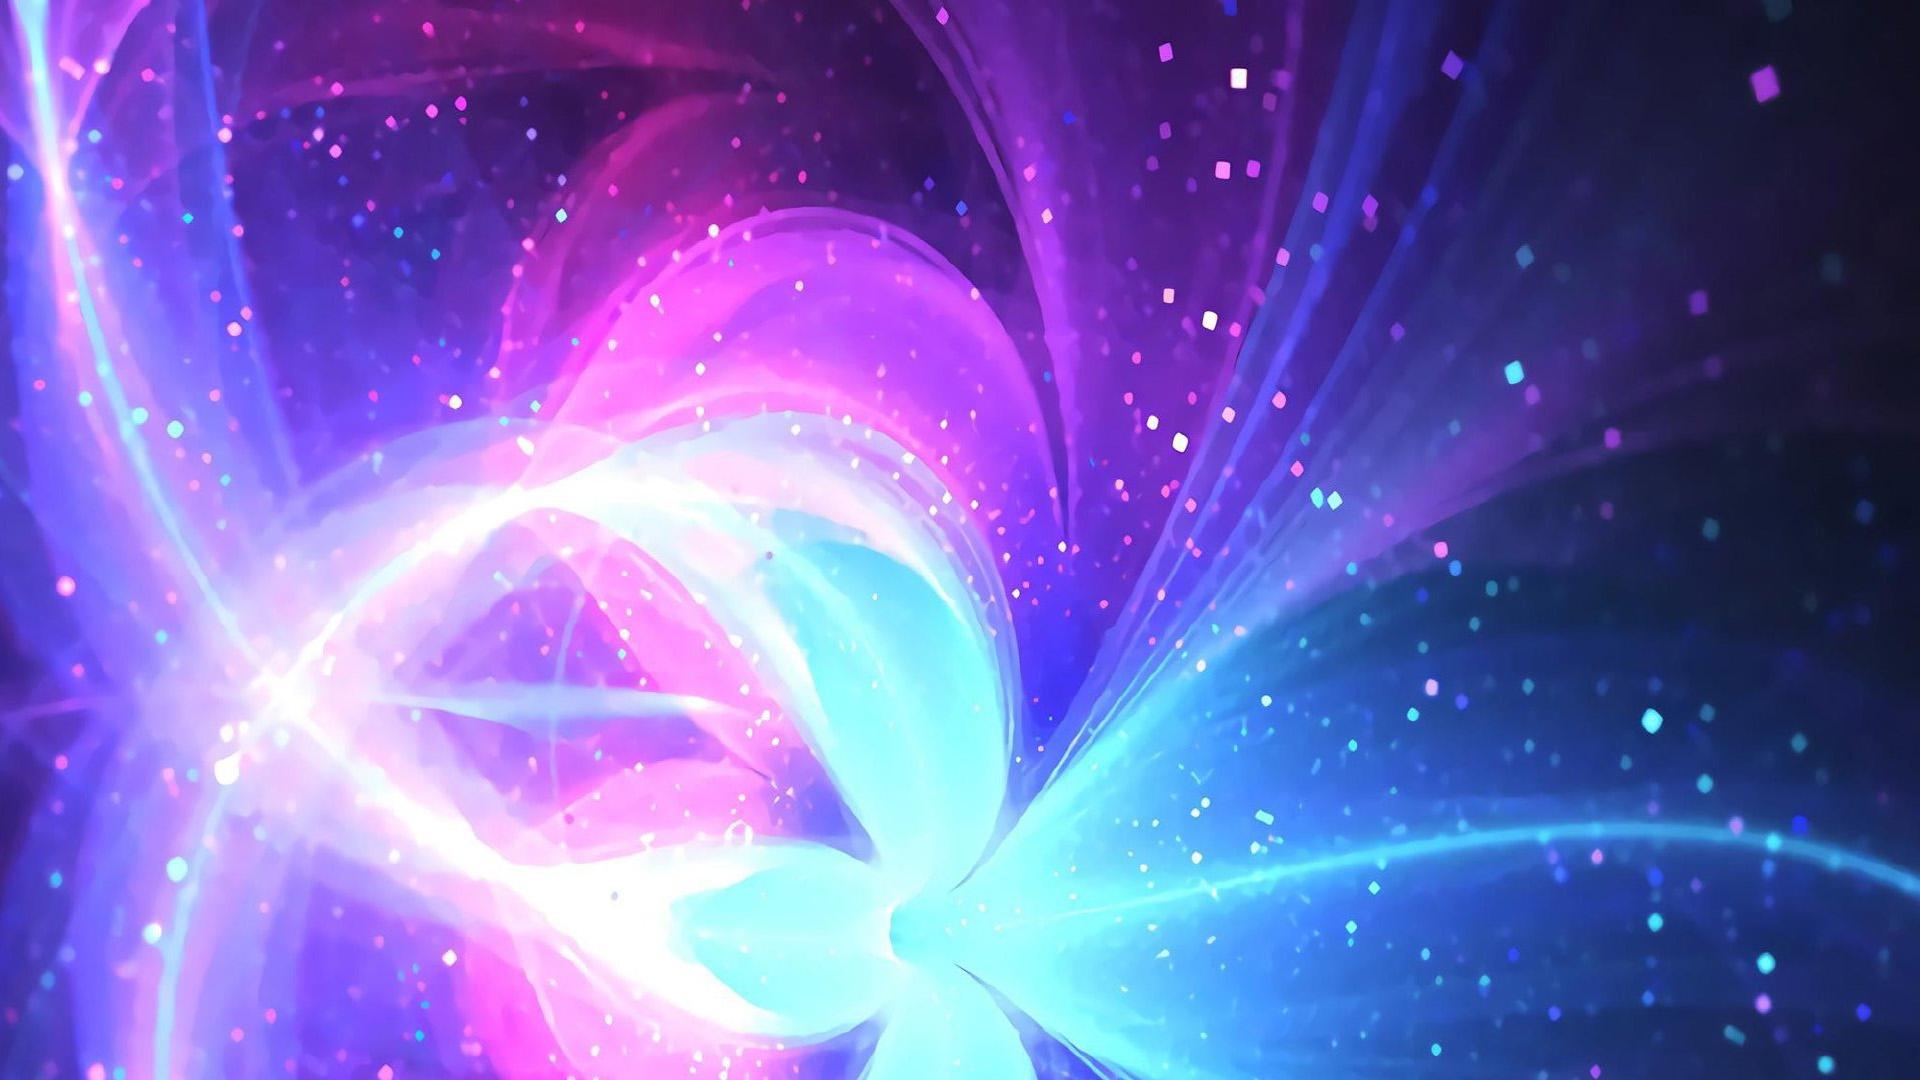 炫彩光影抽象设计桌面壁纸